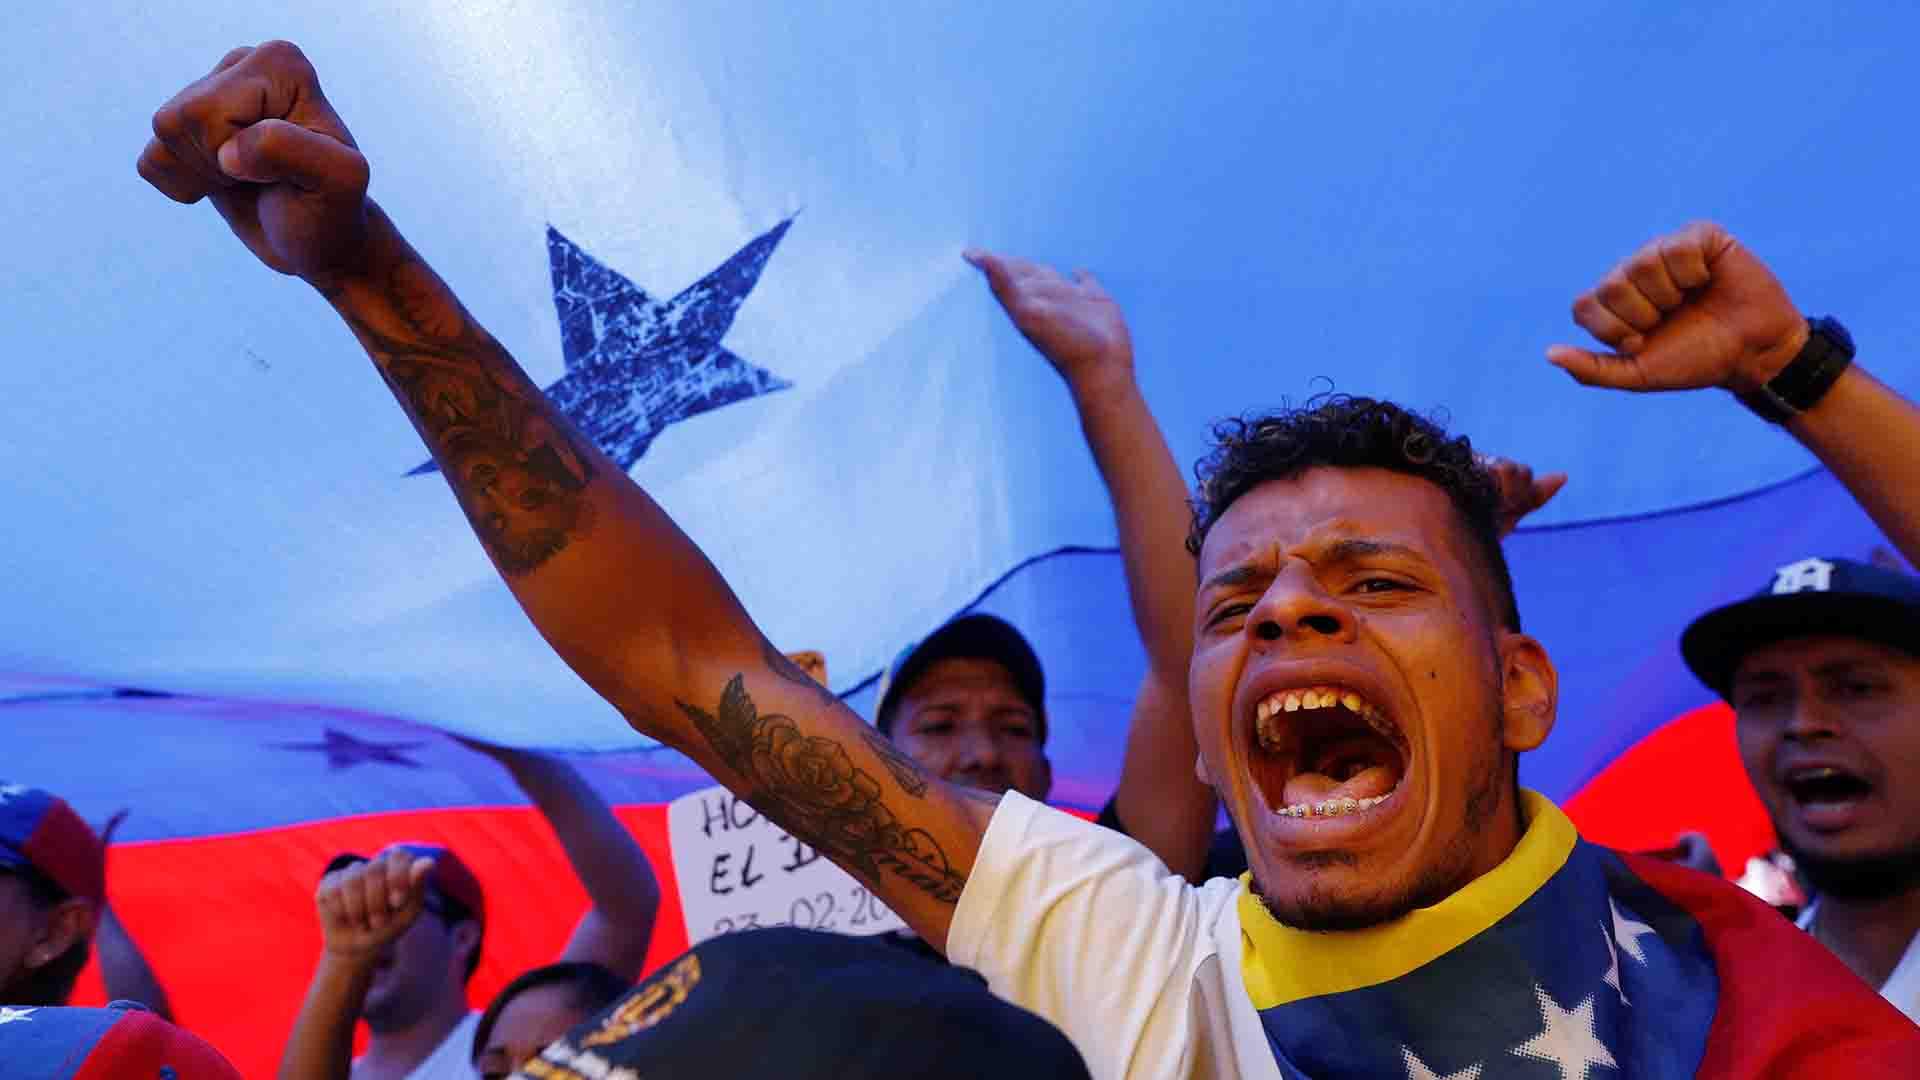 Los partidarios del líder opositor venezolano Juan Guaidó participan en un acto para exigir al dictador Nicolás Maduro que permita la entrada de ayuda humanitaria en Caracas (Reuters)